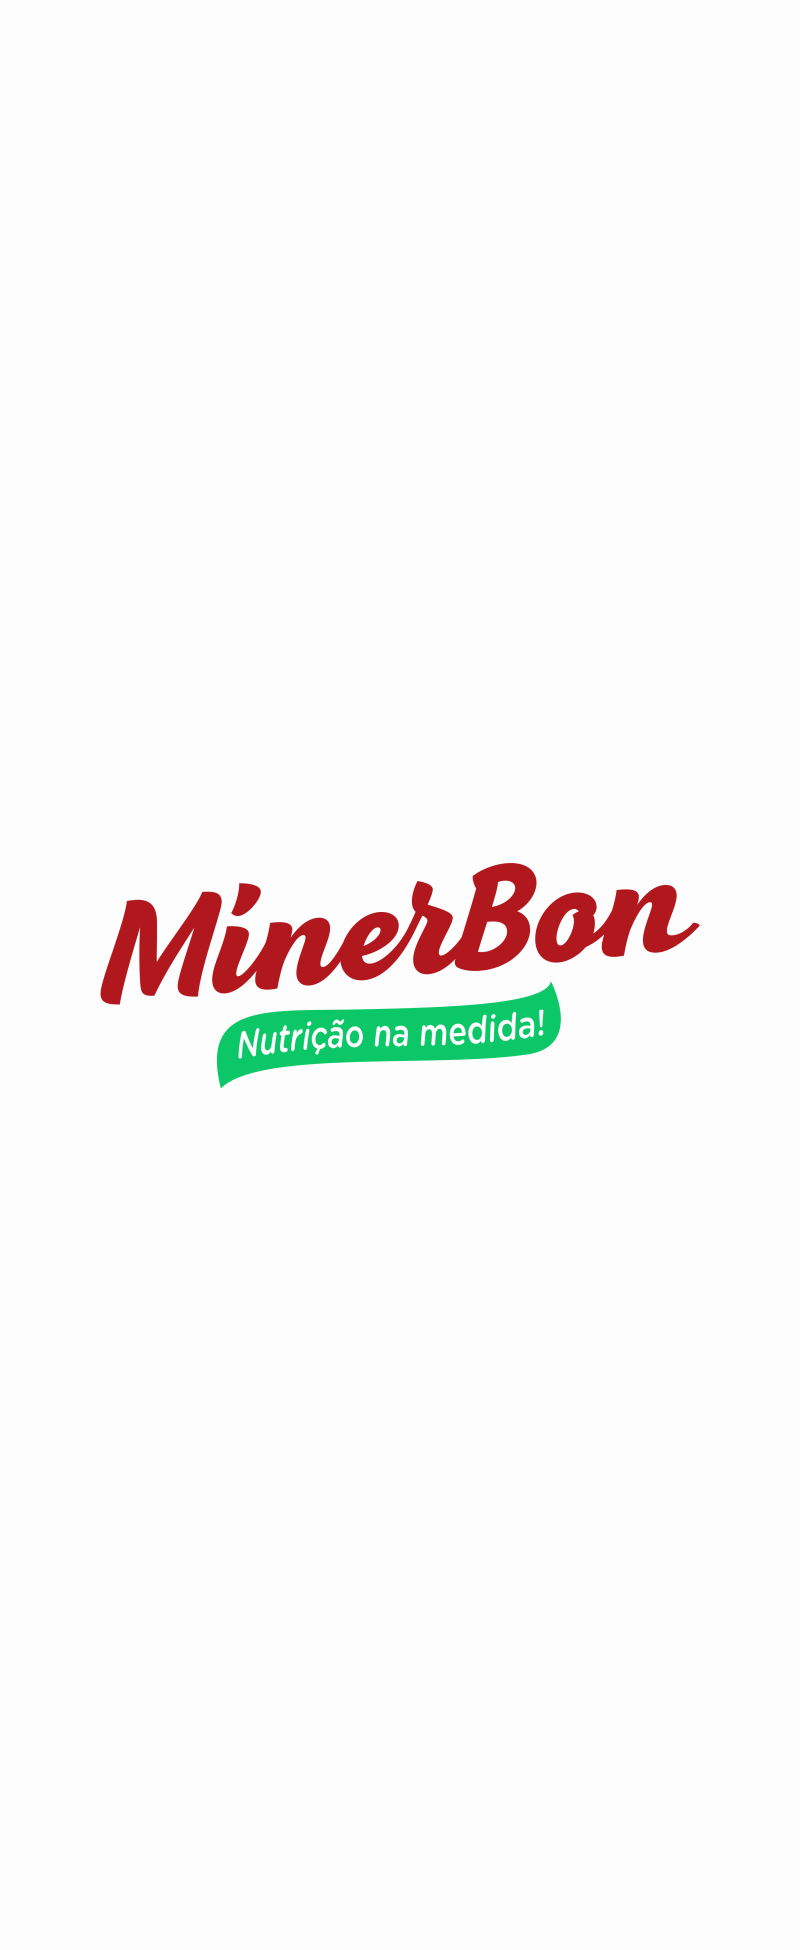 minerbon